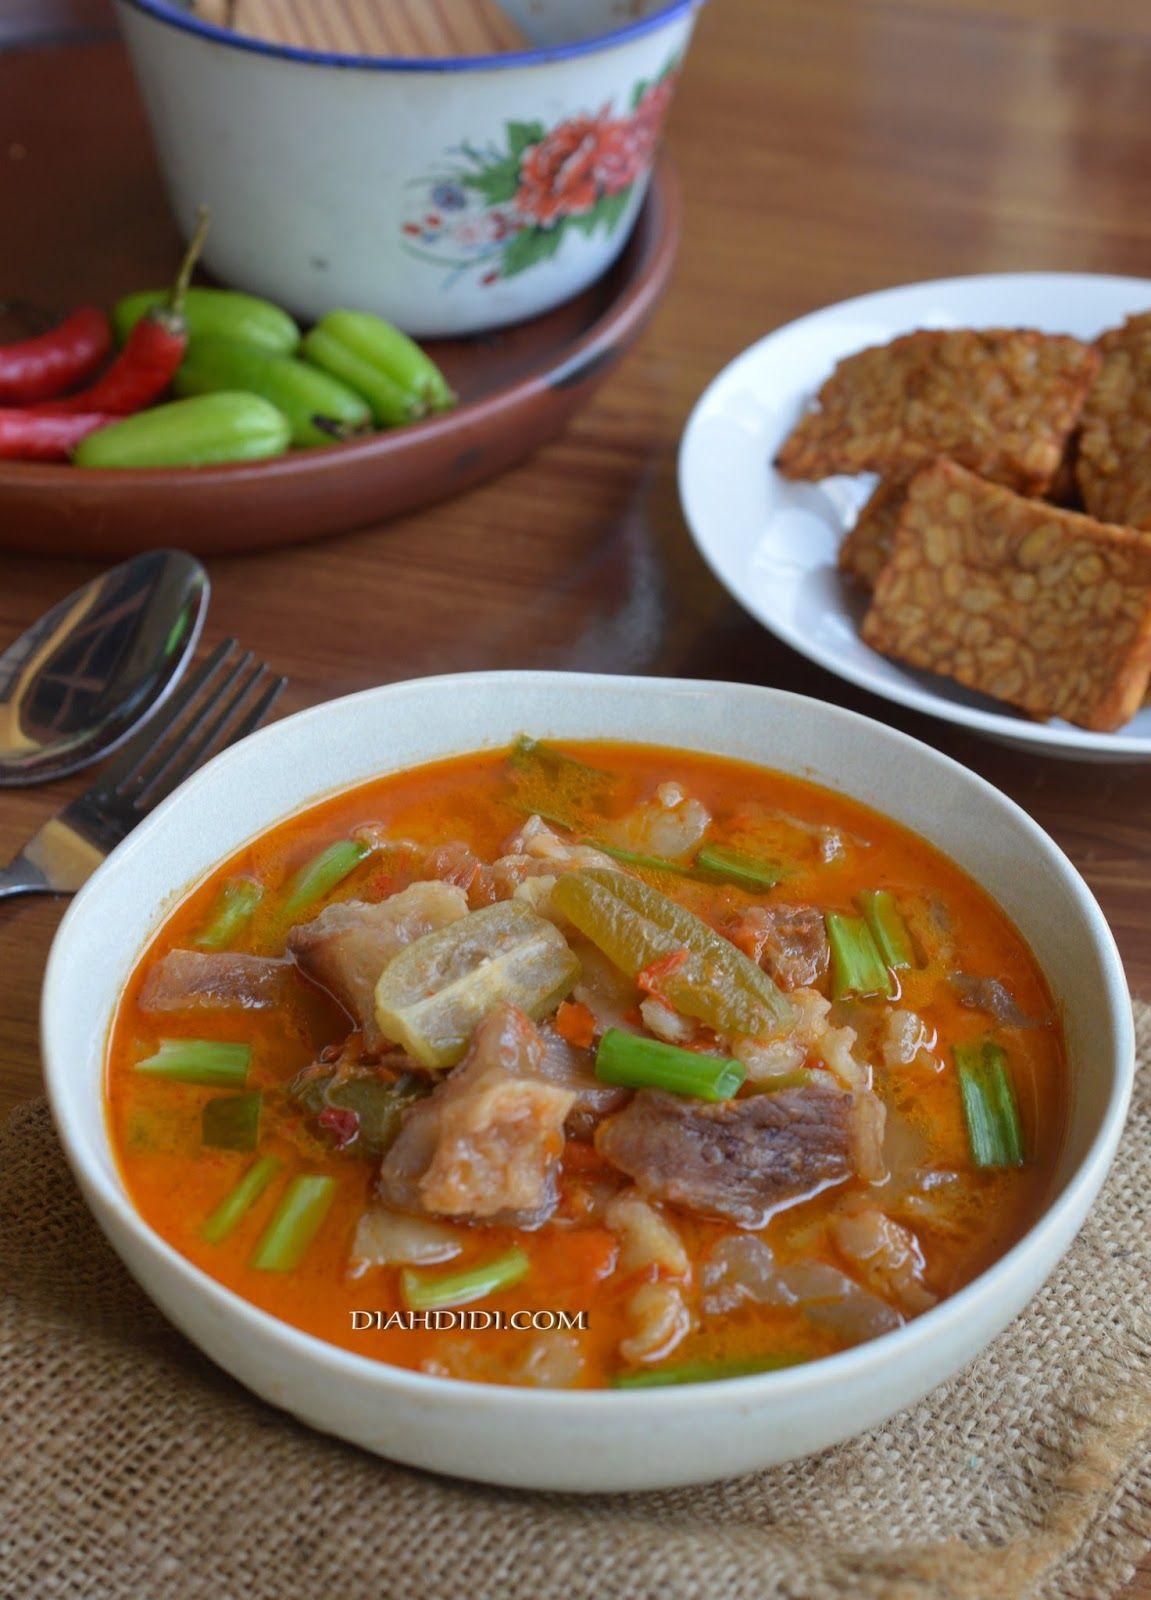 Jangan Kesrut Khas Banyuwangi Resep Masakan Indonesia Resep Masakan Masakan